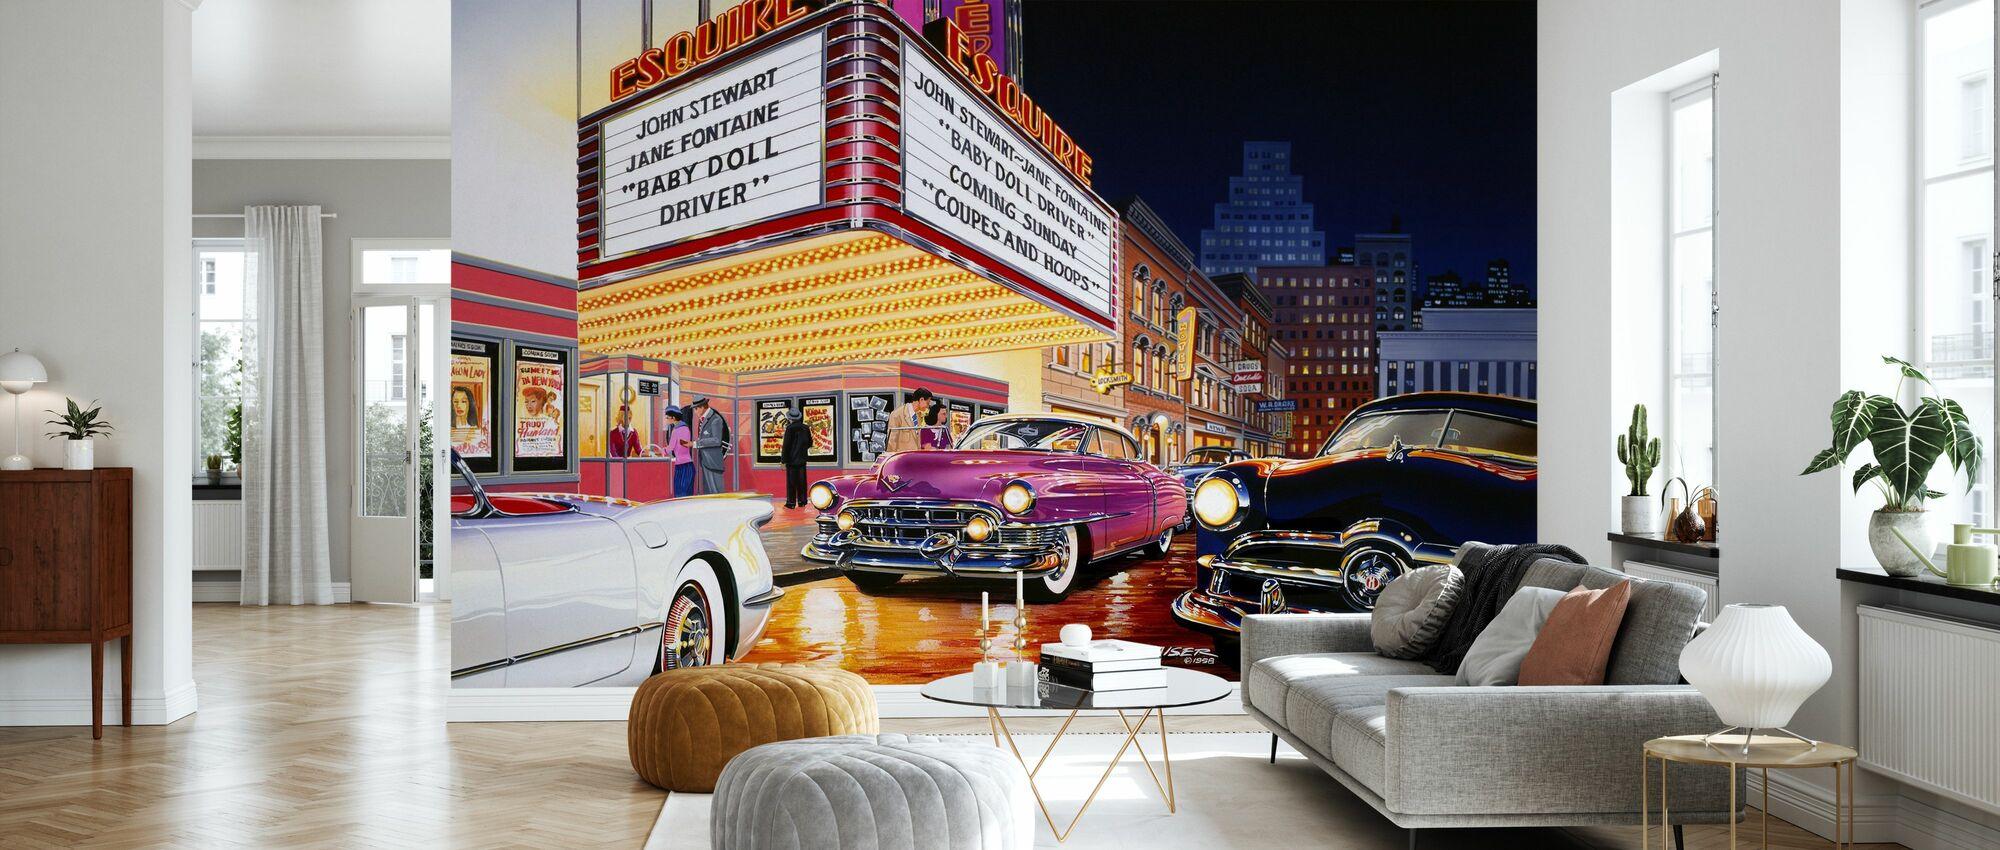 Esquire Theater - Tapete - Wohnzimmer